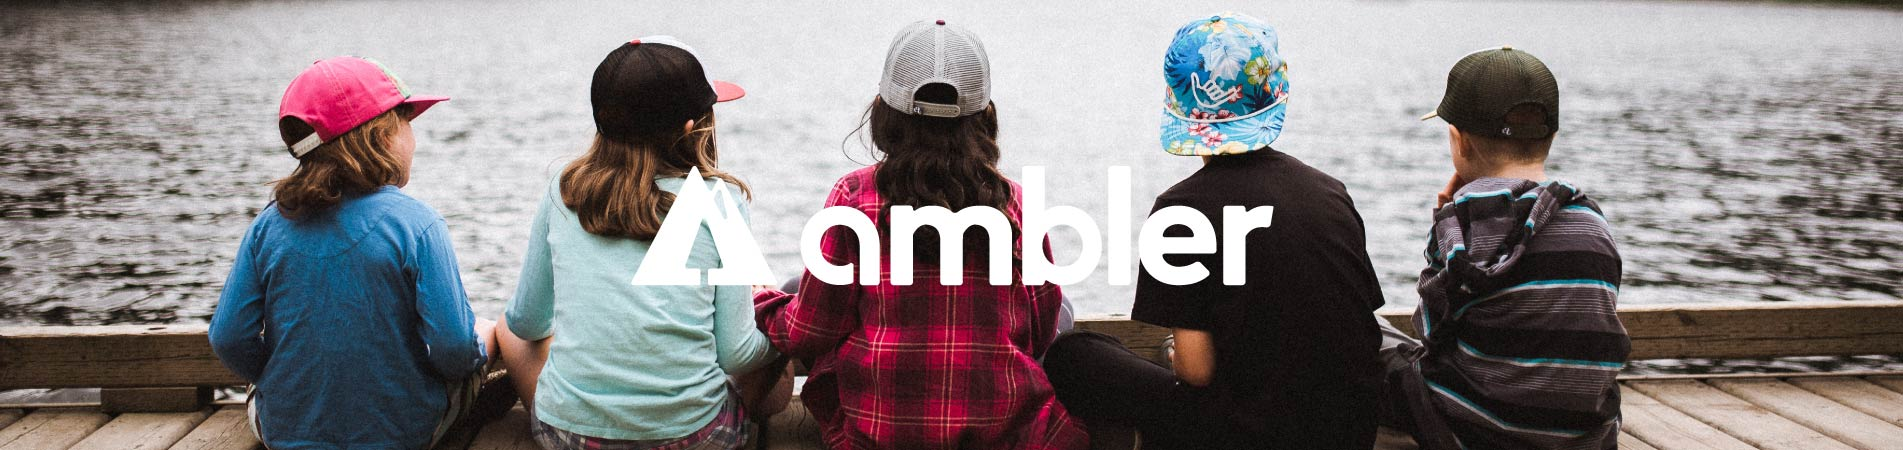 ambler-brand-banner-v1r2.jpg